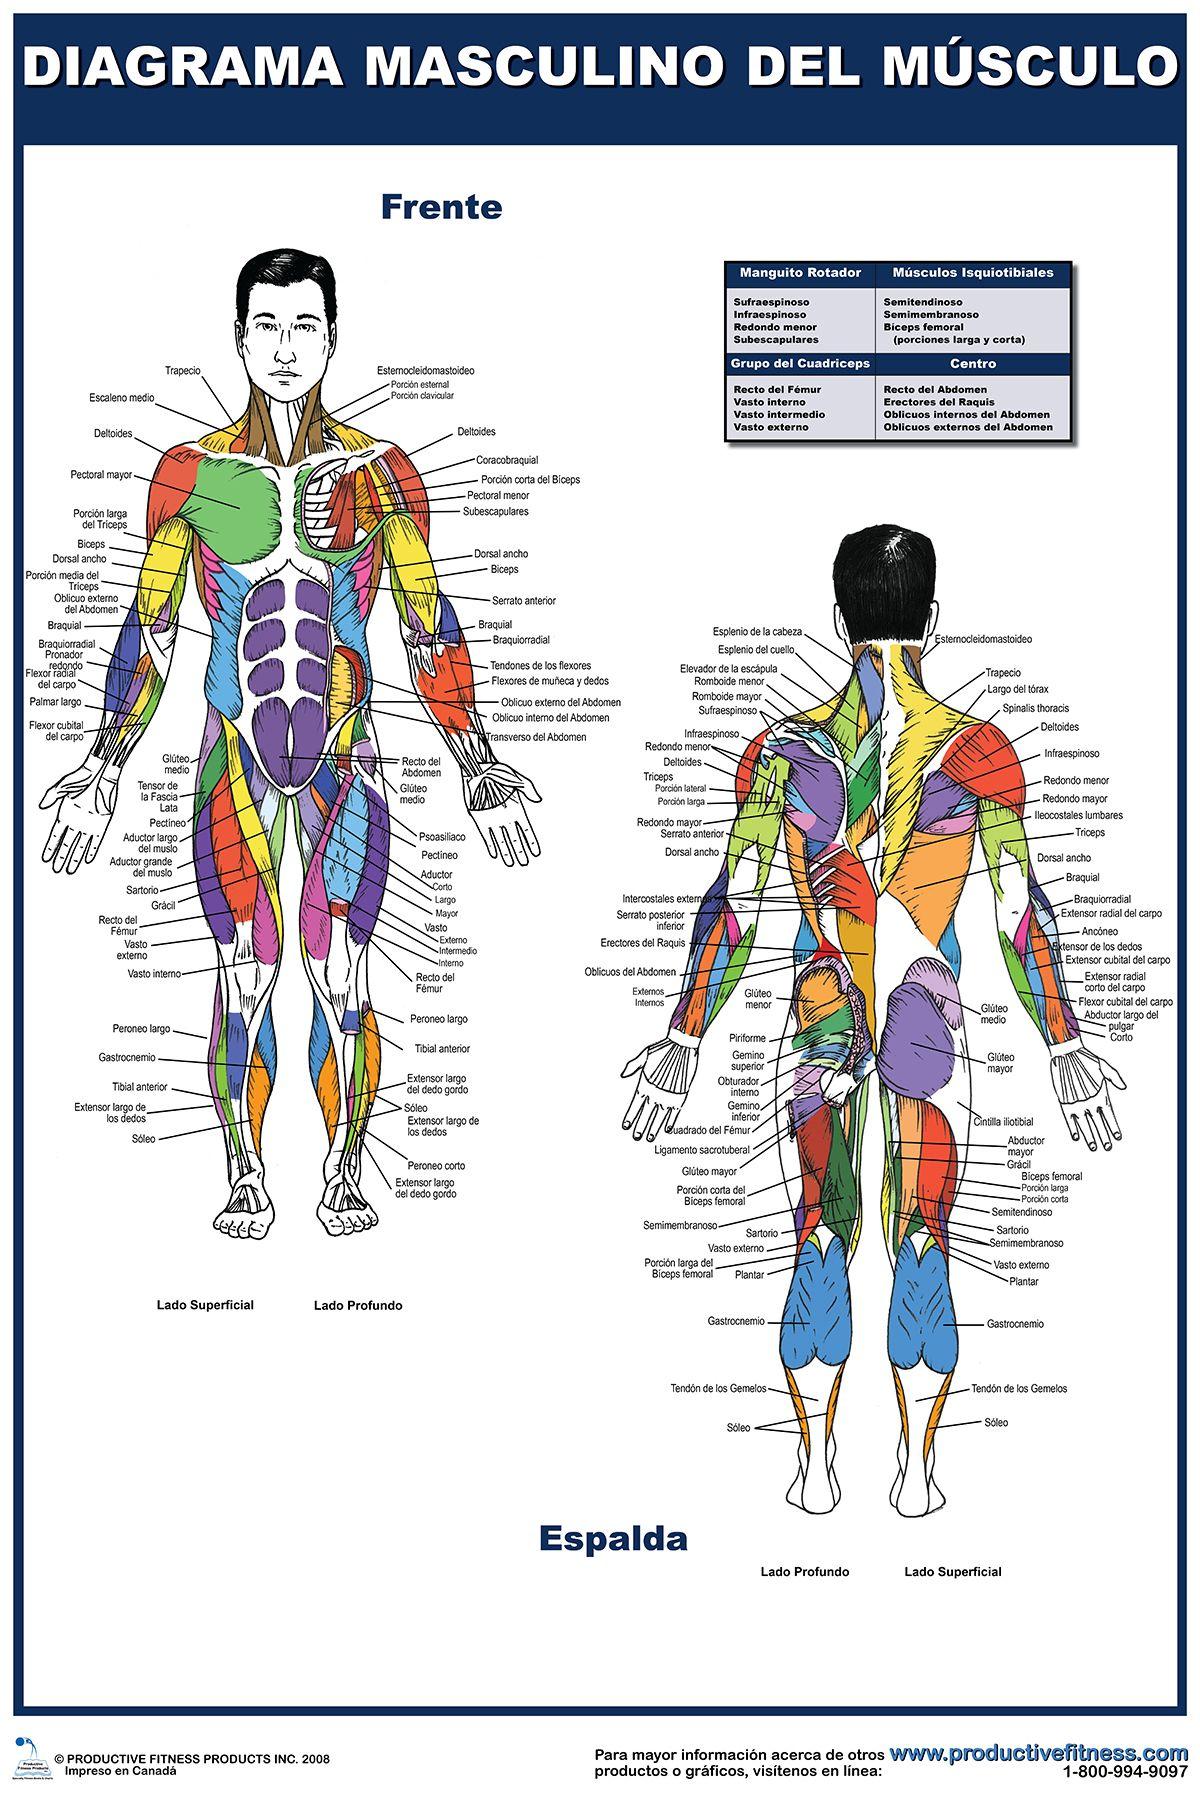 Diagrama masculino del musculo | Carteles de Fitness | Pinterest ...